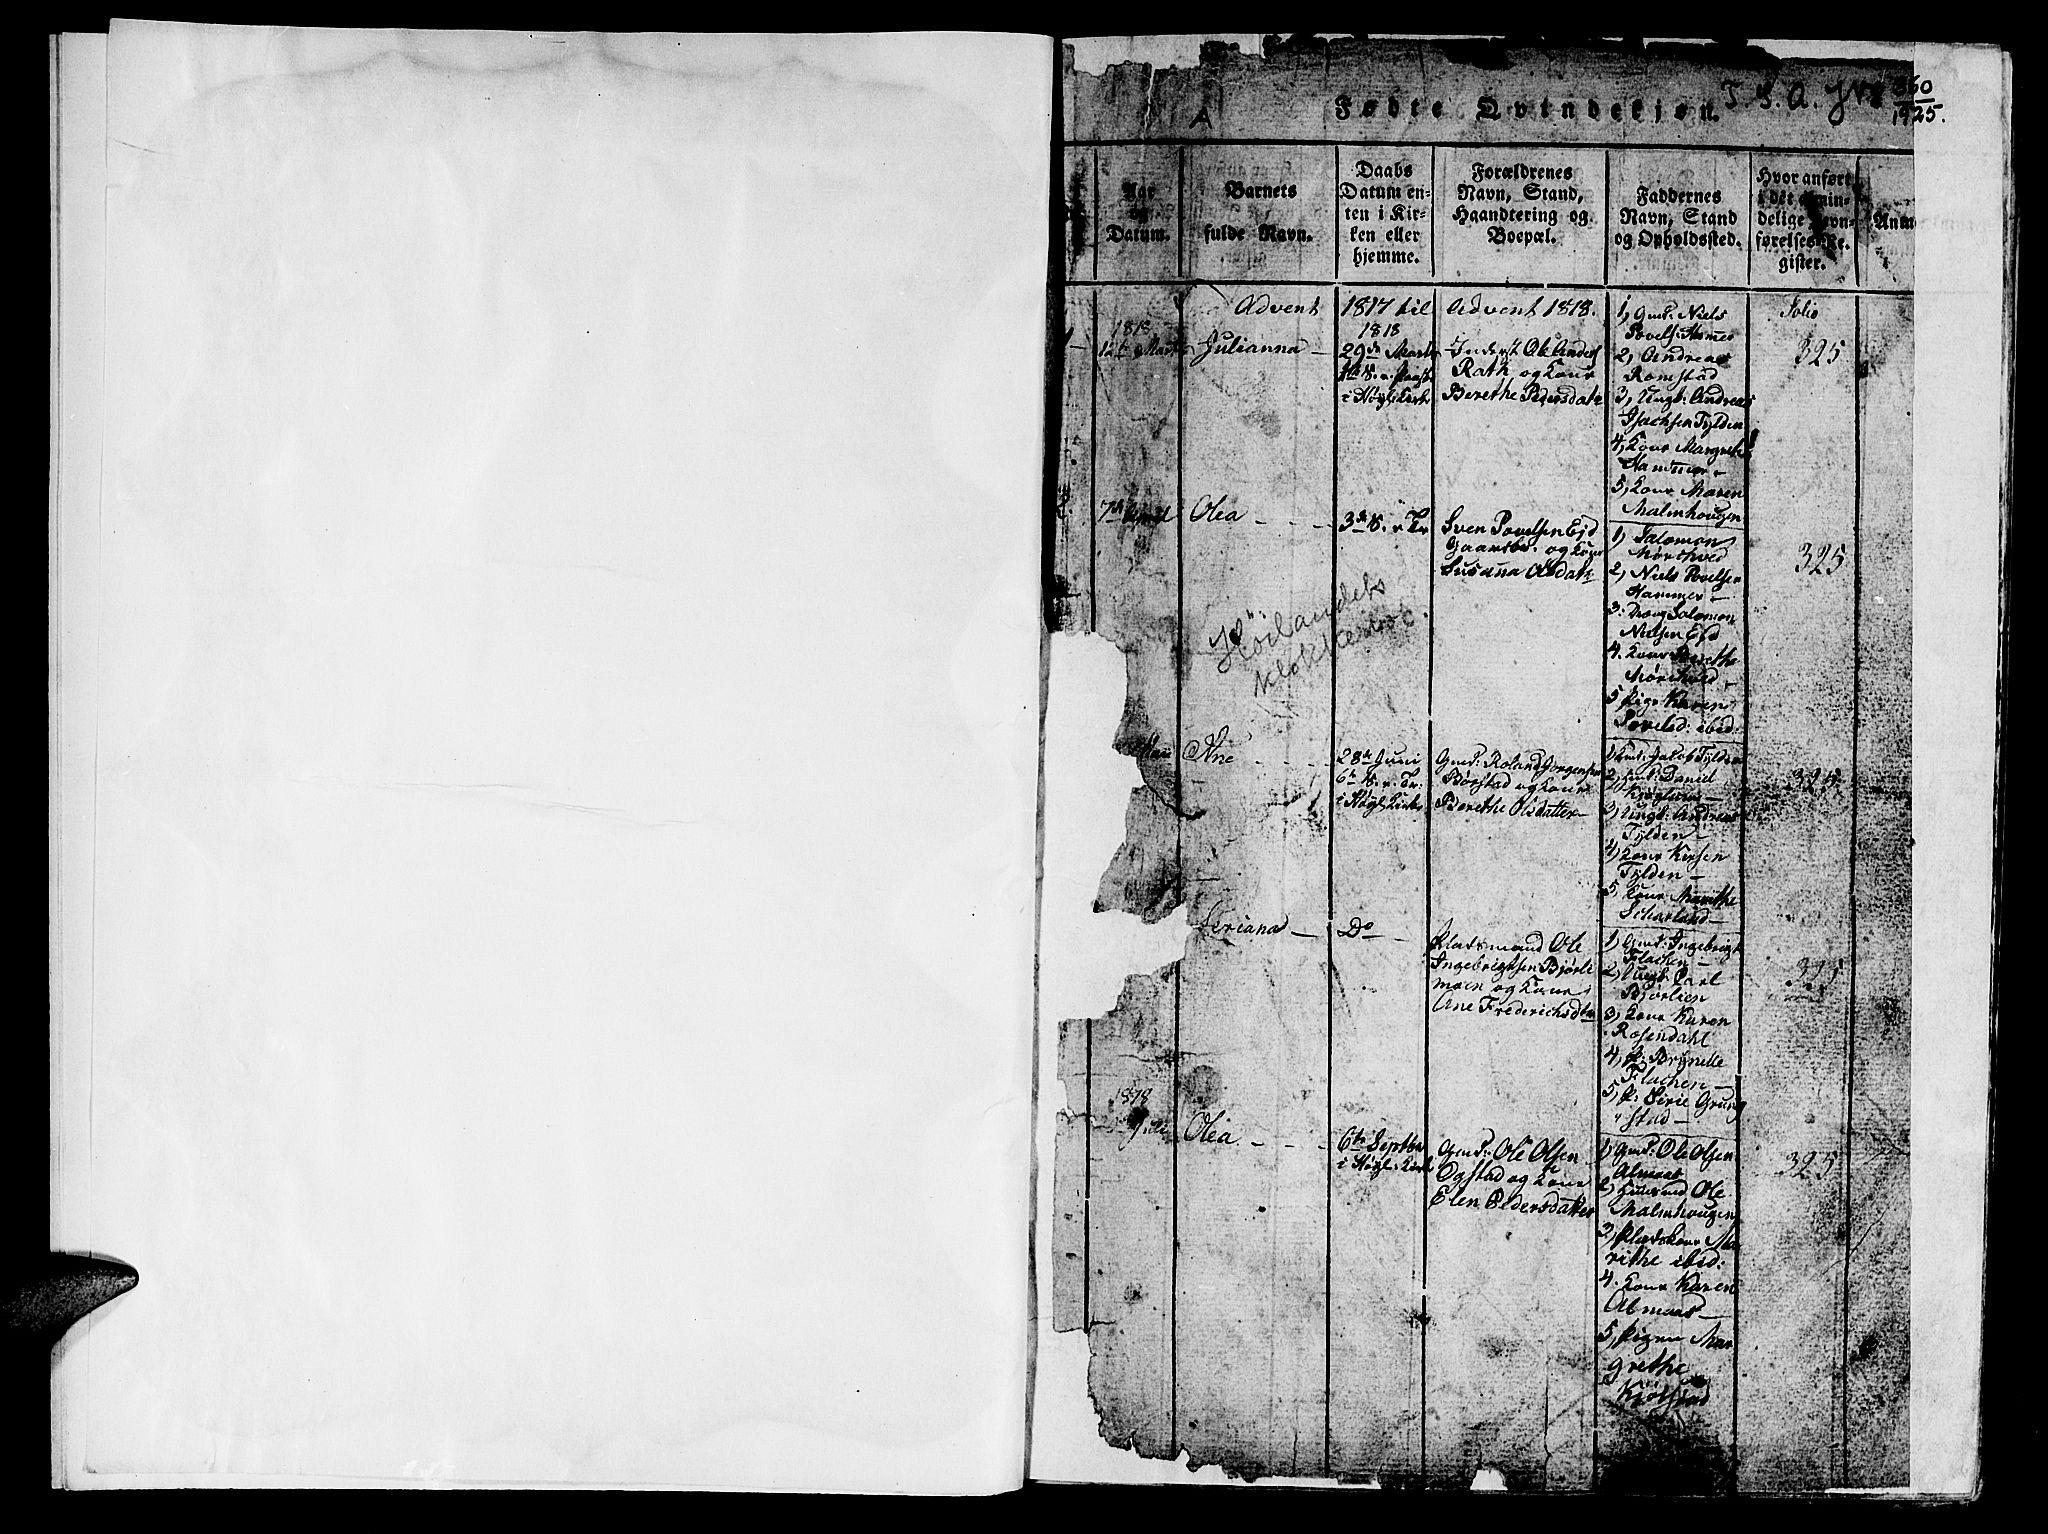 SAT, Ministerialprotokoller, klokkerbøker og fødselsregistre - Nord-Trøndelag, 765/L0562: Klokkerbok nr. 765C01, 1817-1851, s. 3